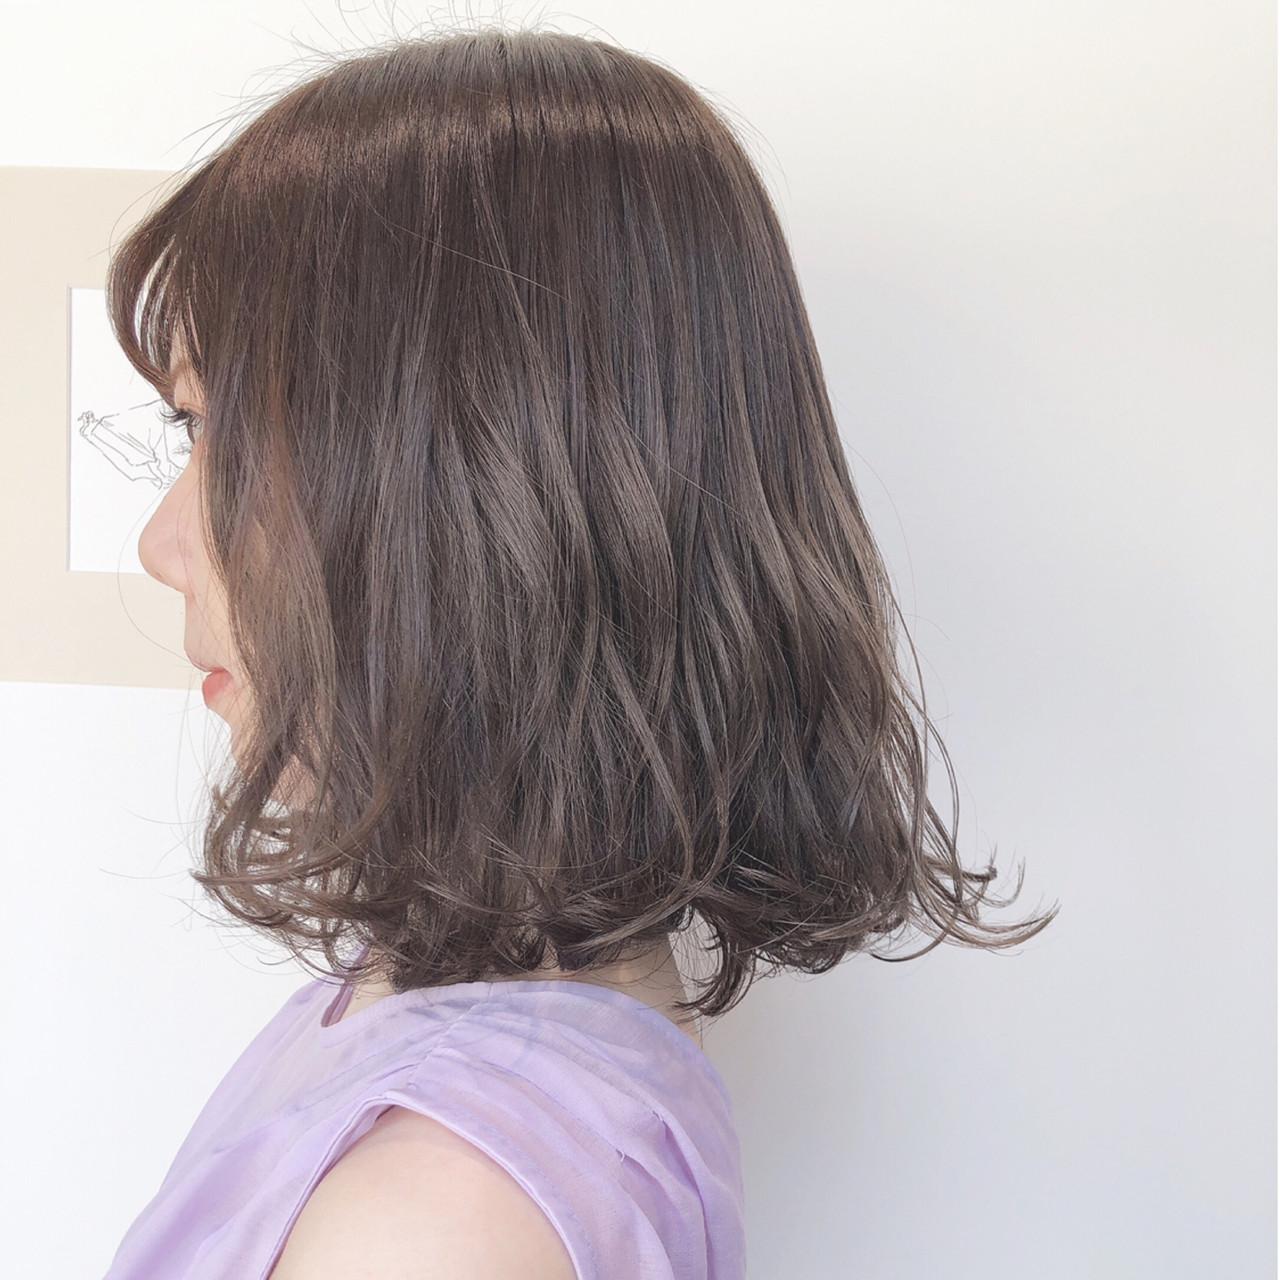 ナチュラル 簡単ヘアアレンジ ボブ ミルクティーベージュ ヘアスタイルや髪型の写真・画像 | 上田智久 / ooit 福岡 天神 / ooit